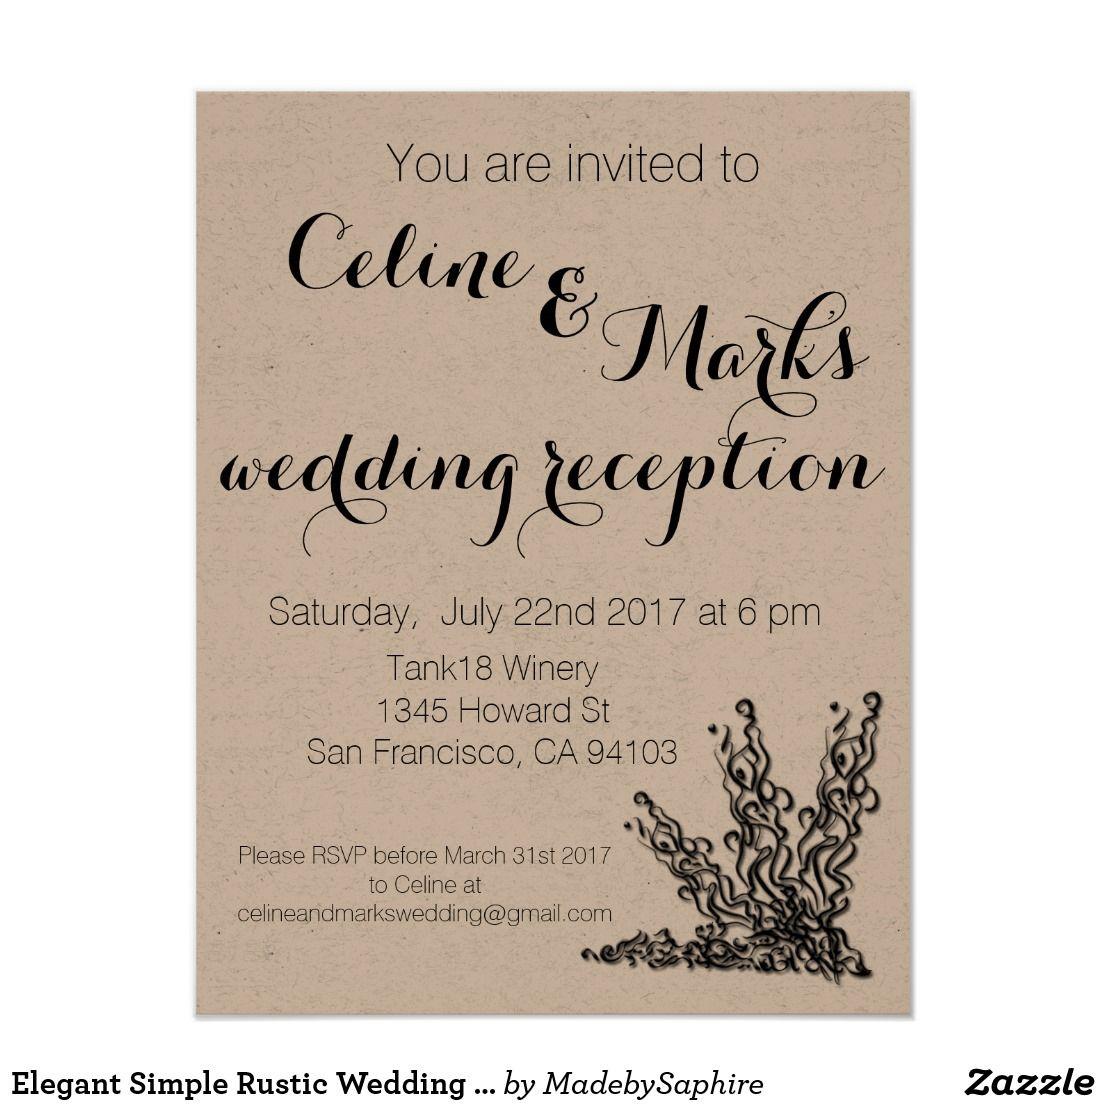 Elegant Simple Rustic Wedding Invitation | Wedding Invitations ...